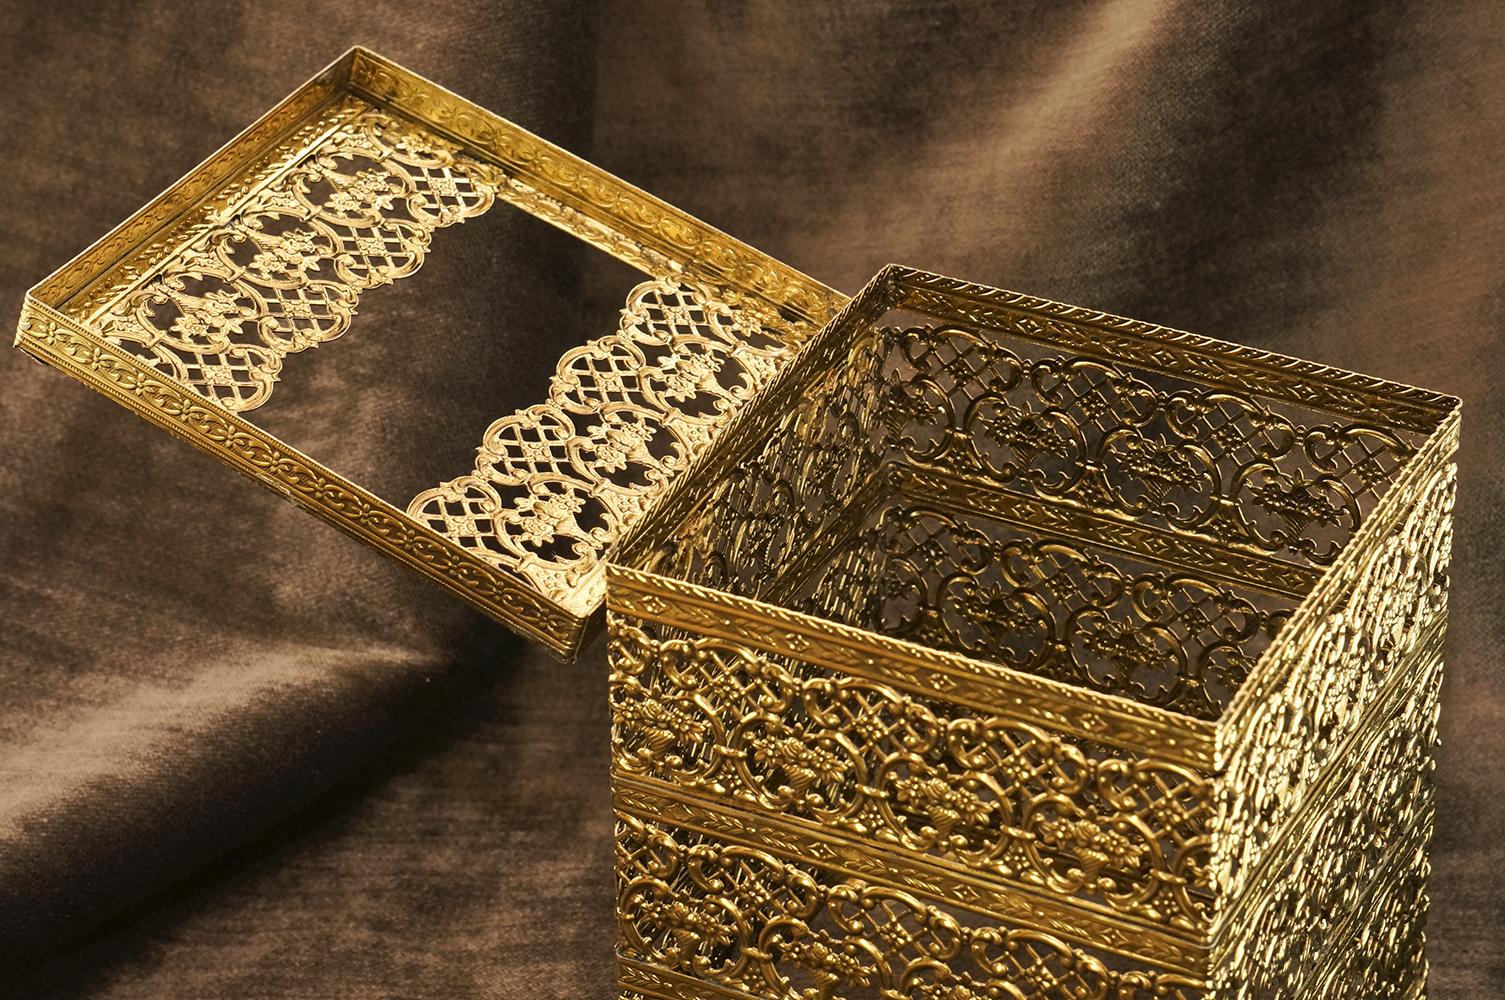 マトソン製 ゴールド 正方形 脚付き ティッシュボックス 開けた状態